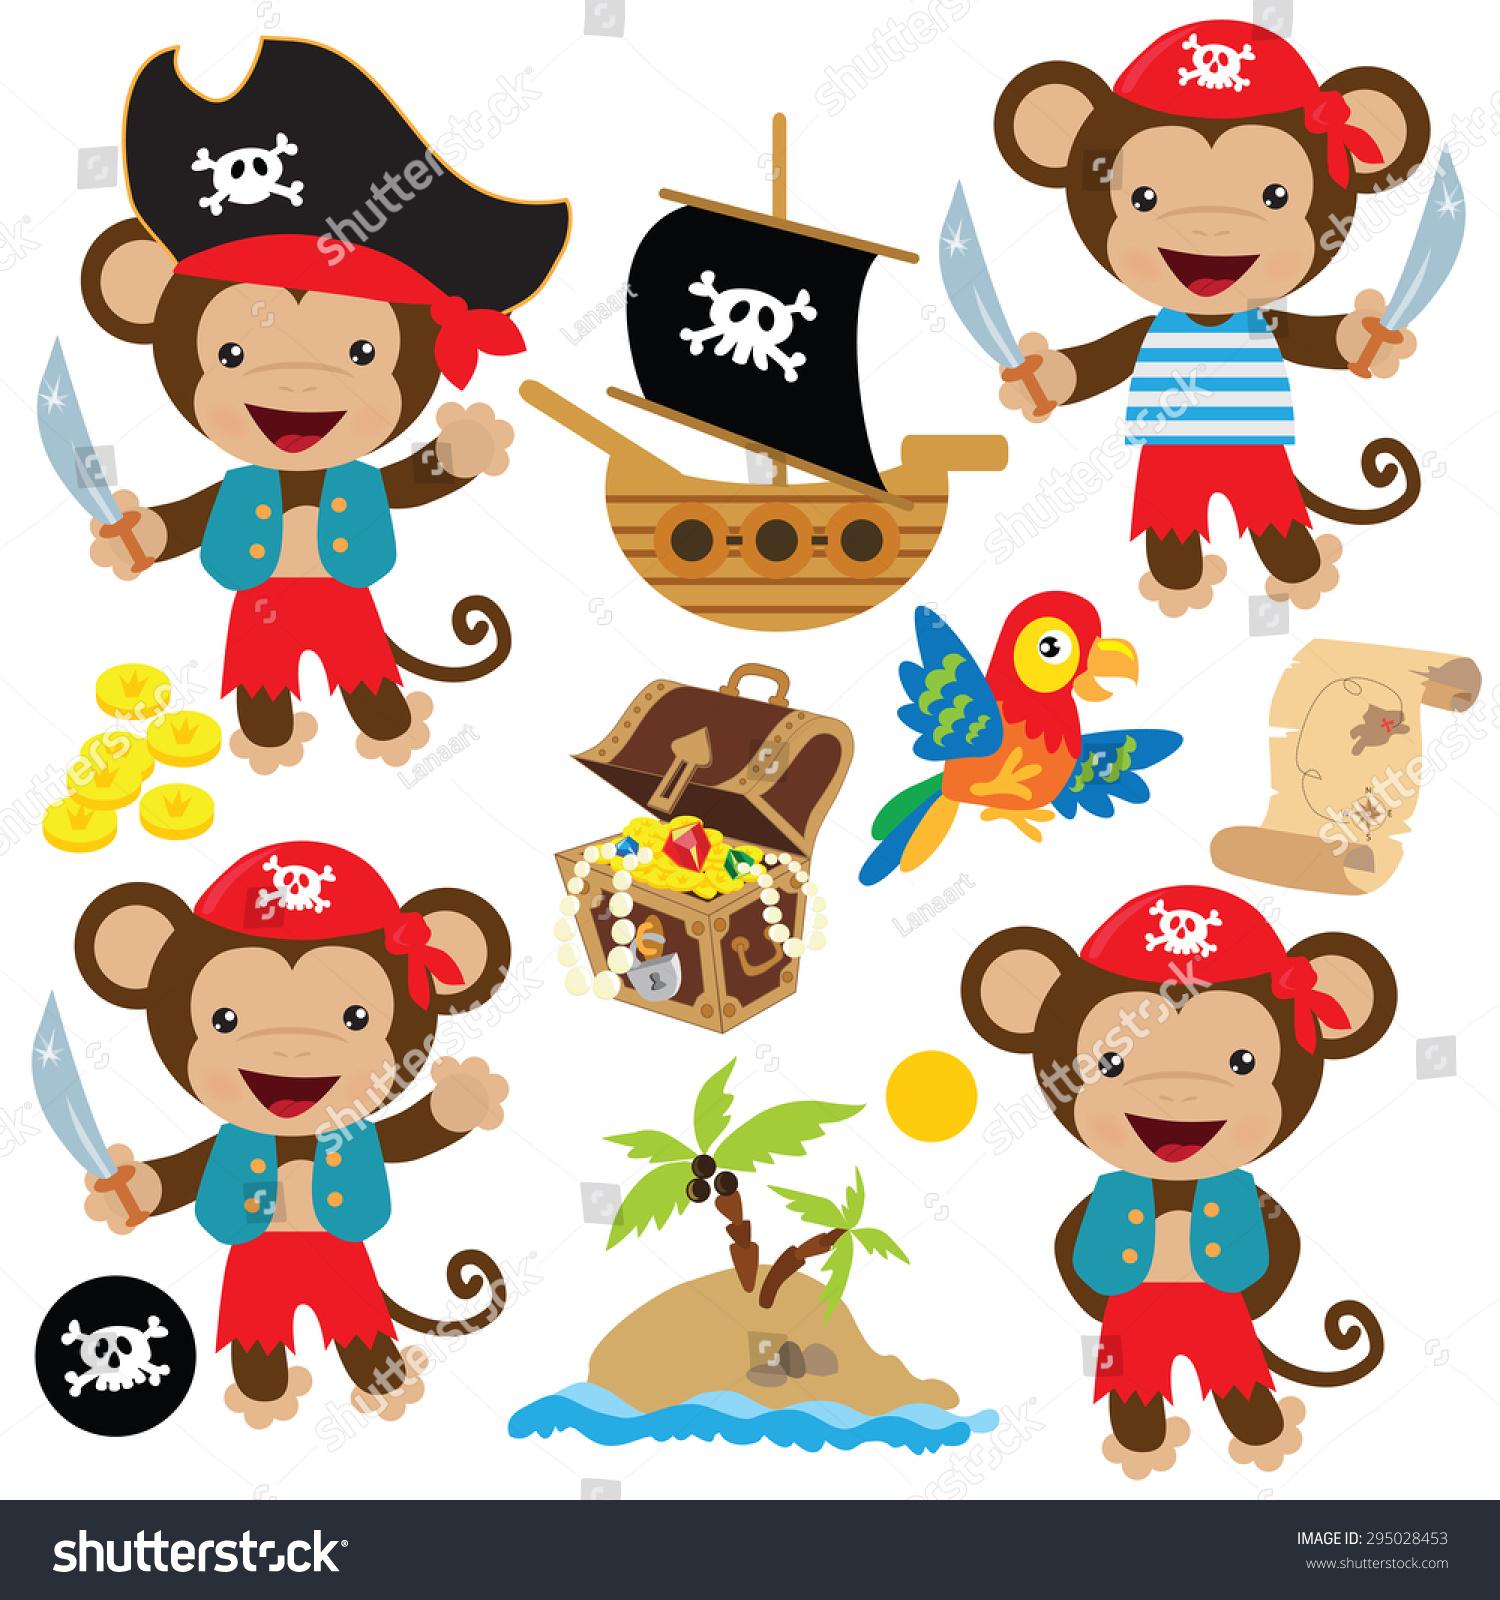 可爱的海盗猴子矢量插图-动物/野生生物-海洛创意()